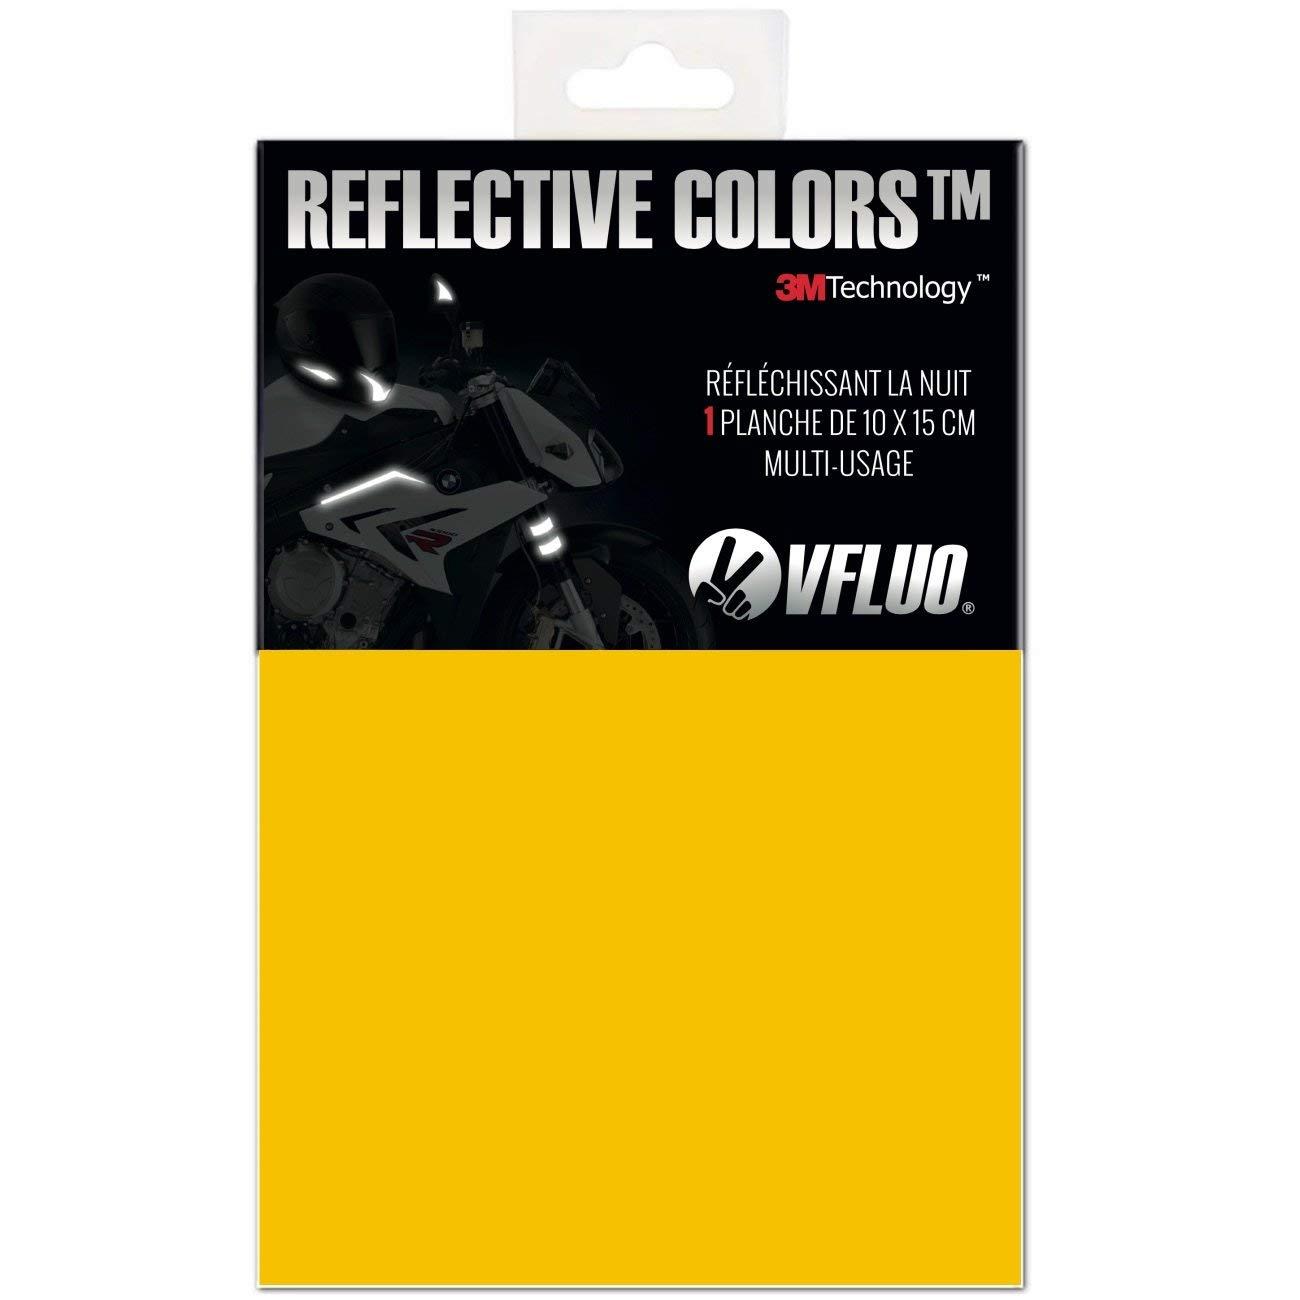 Kit adesivo universaleFai da te per Casco//Moto//Motorino//Bicicletta 3M Technology/™ VFLUO 3M REFLECTIVE COLORS/™ Oro 10 x 15 cm foglio